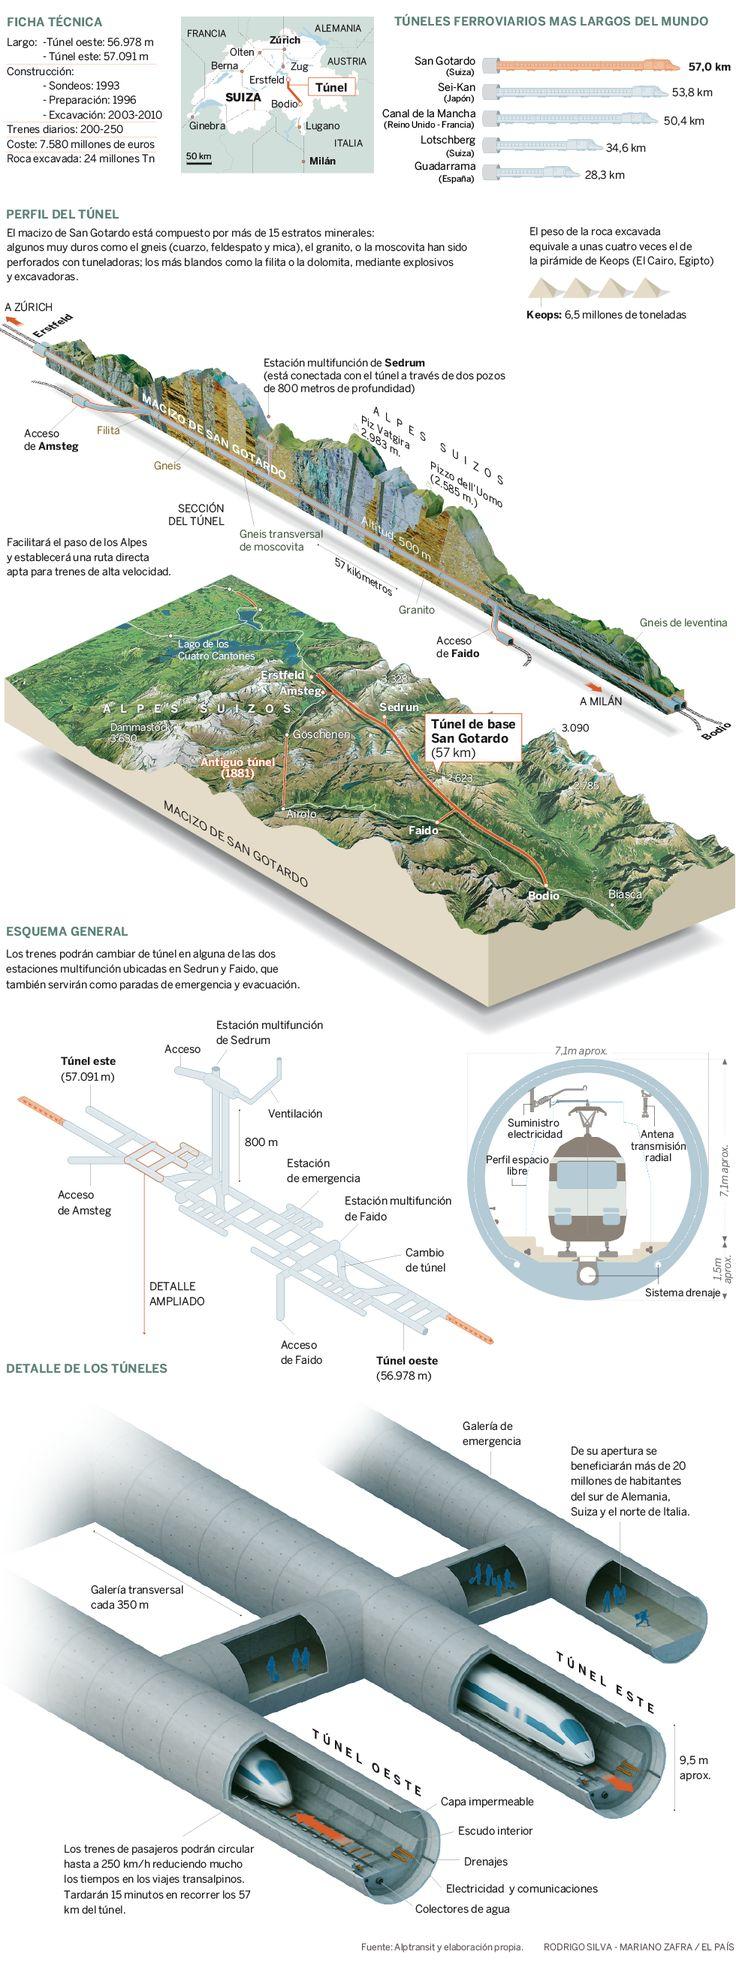 El túnel de San Gotardo